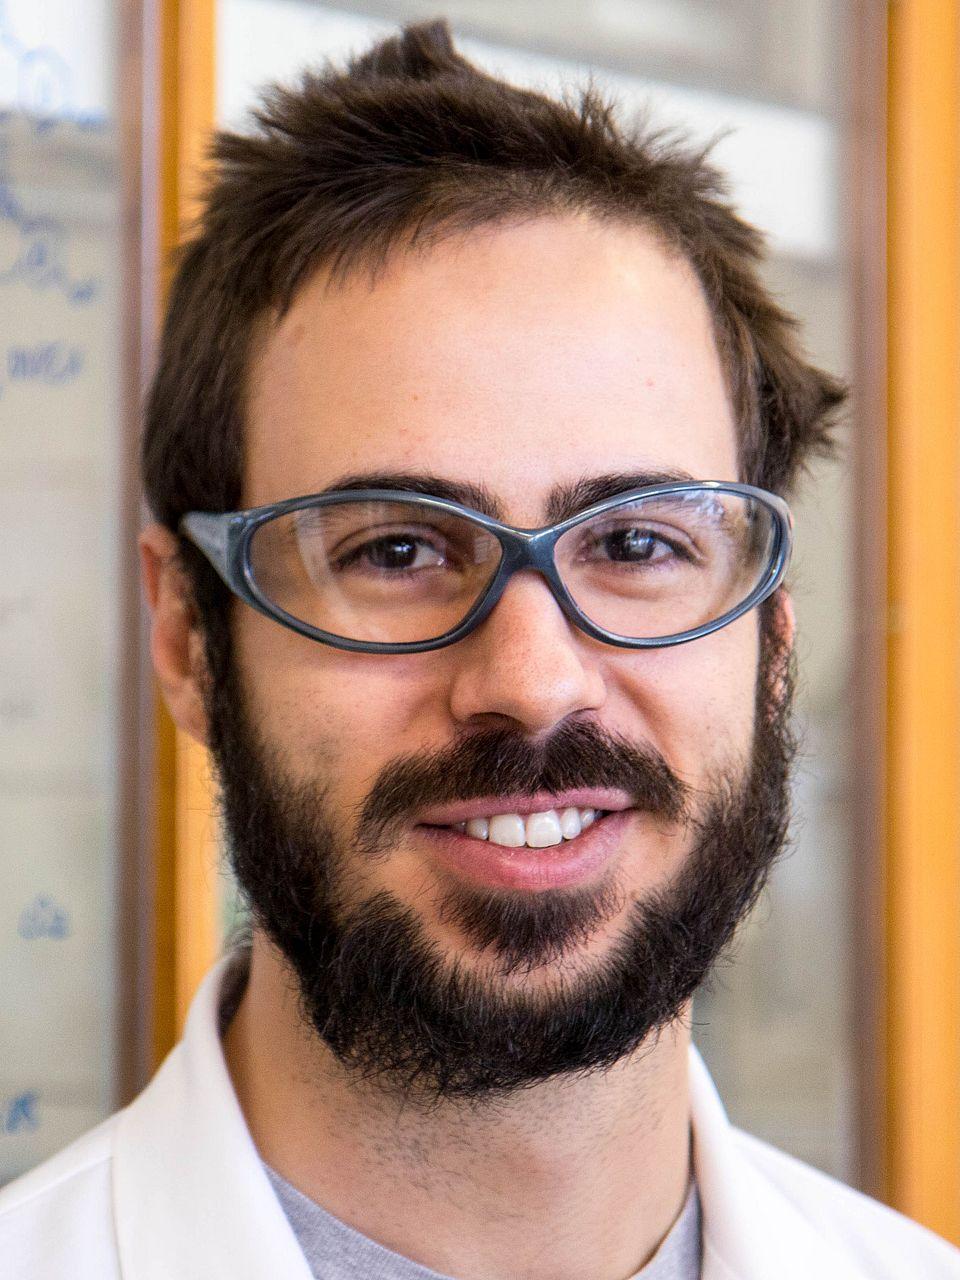 Lorenzo Delarue Bizzini